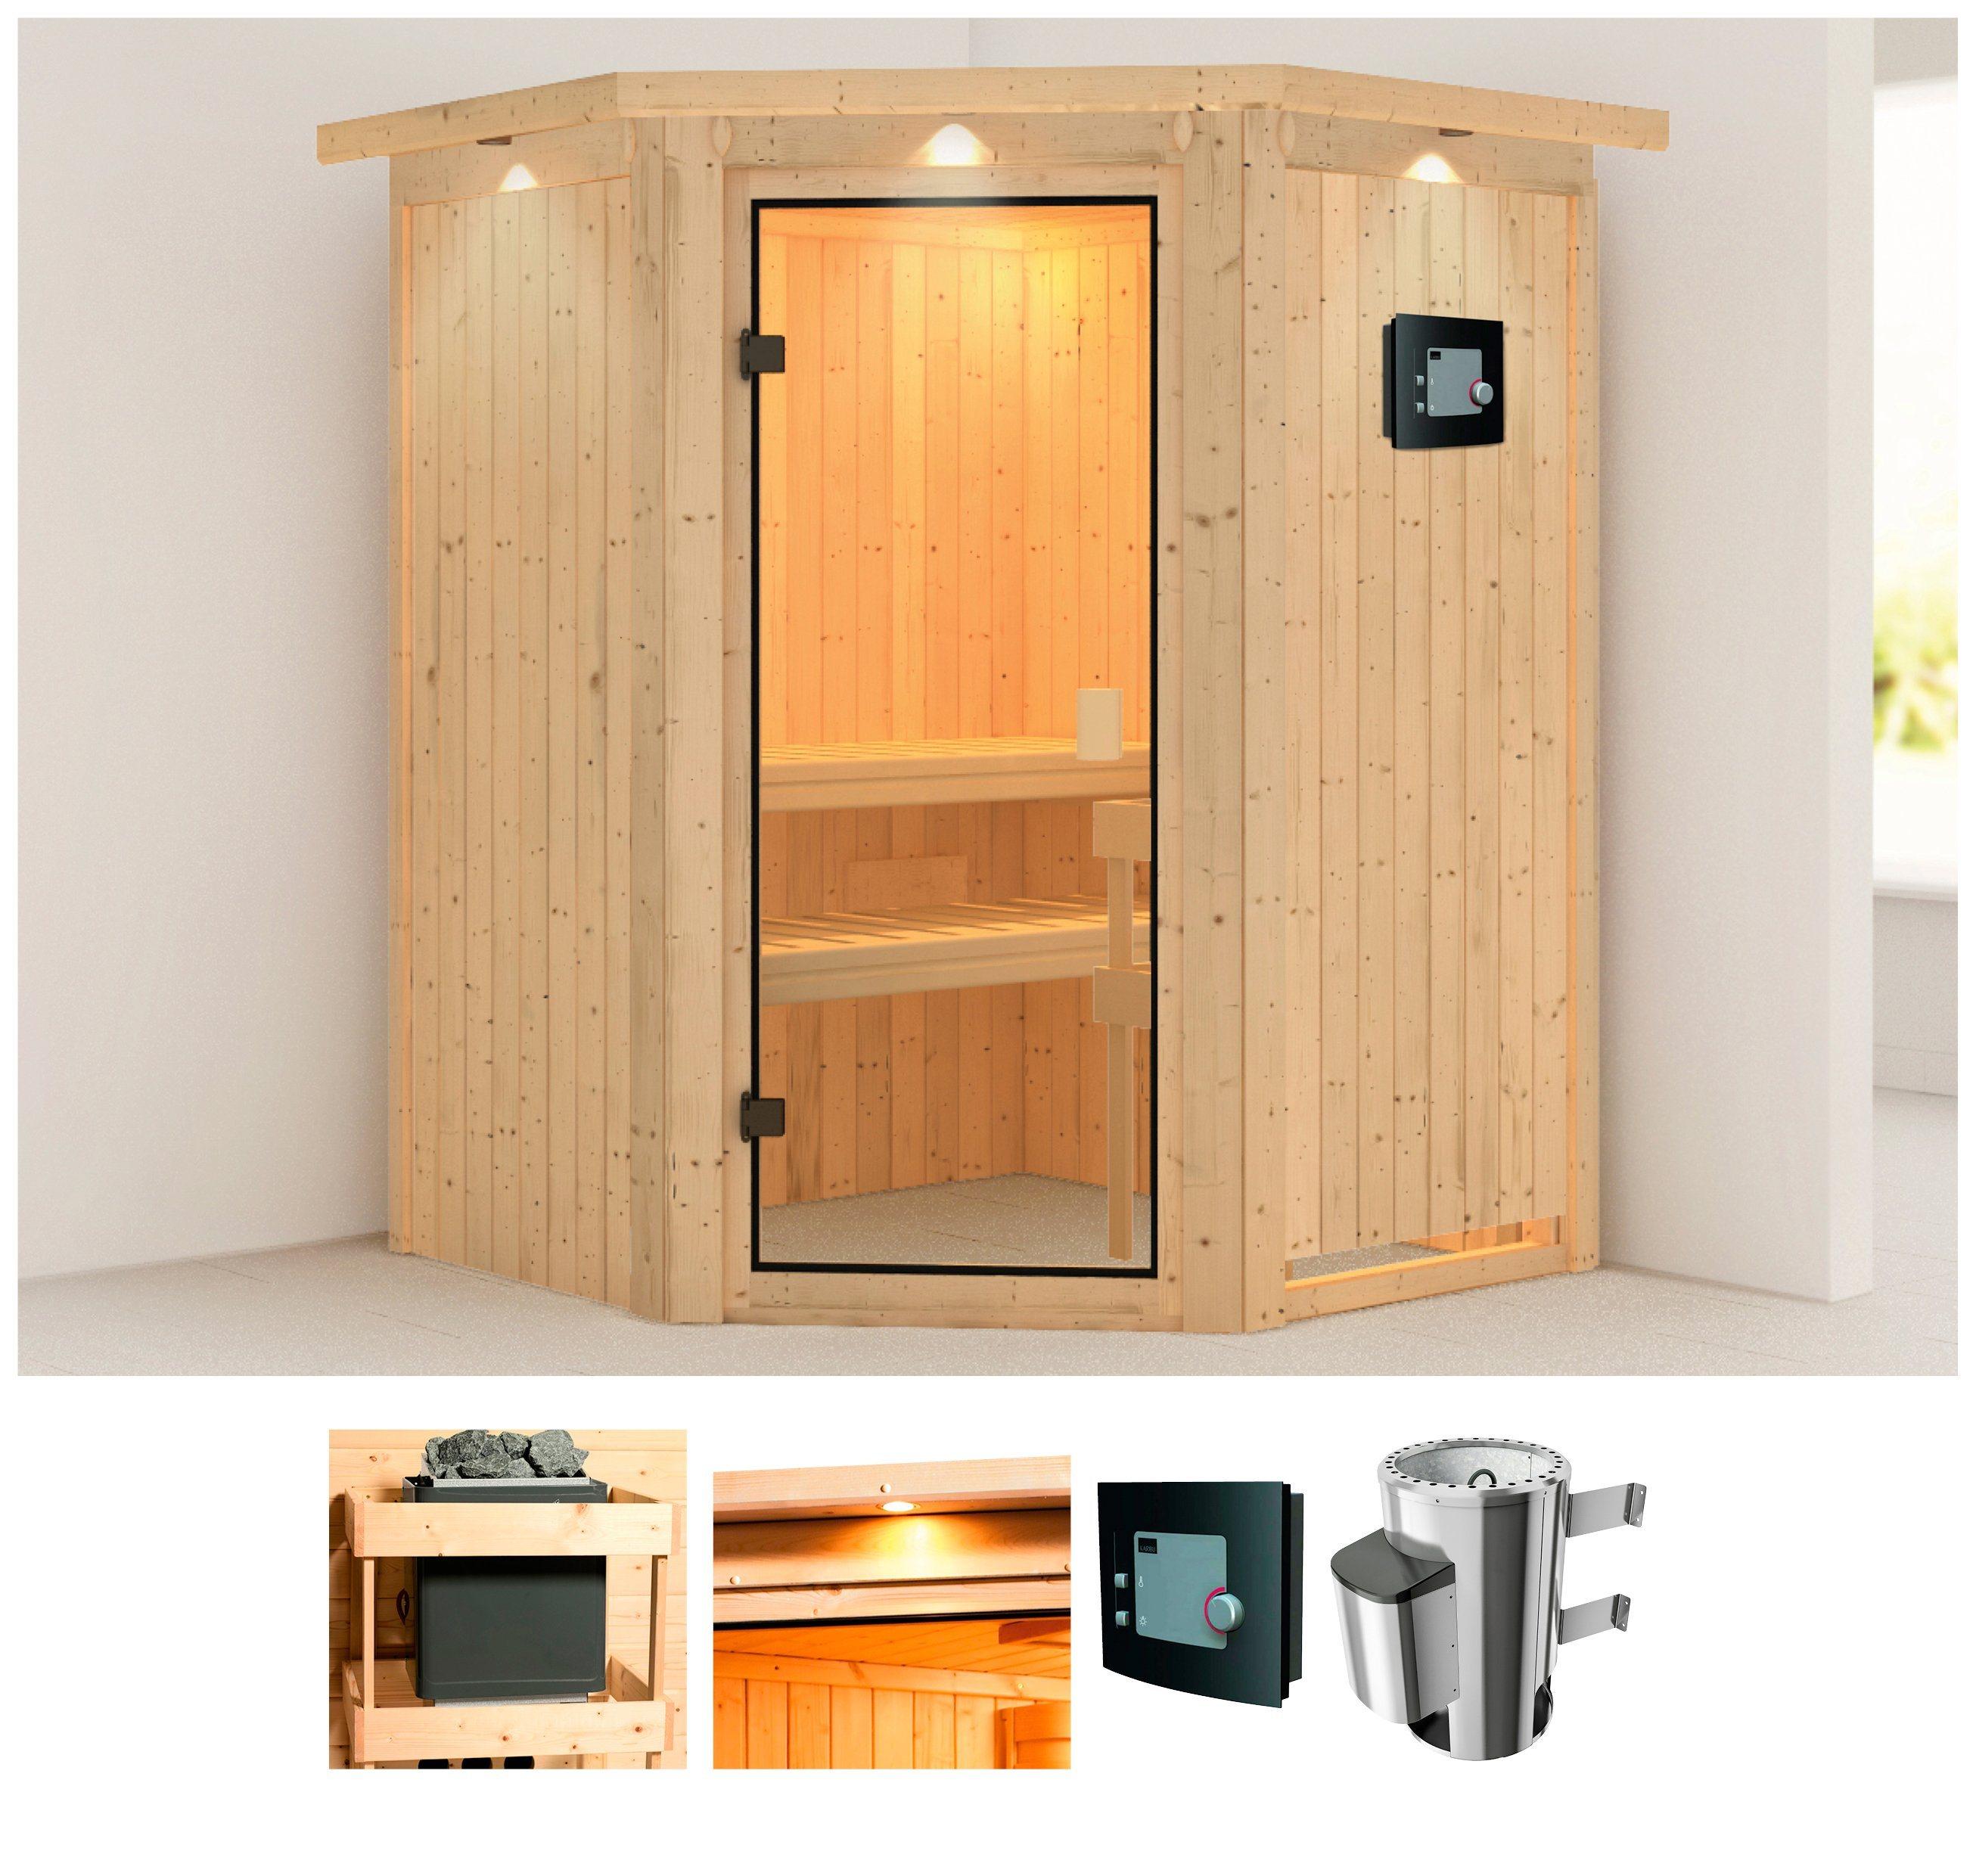 bad sauna zubeh r online kaufen m bel suchmaschine seite 2. Black Bedroom Furniture Sets. Home Design Ideas